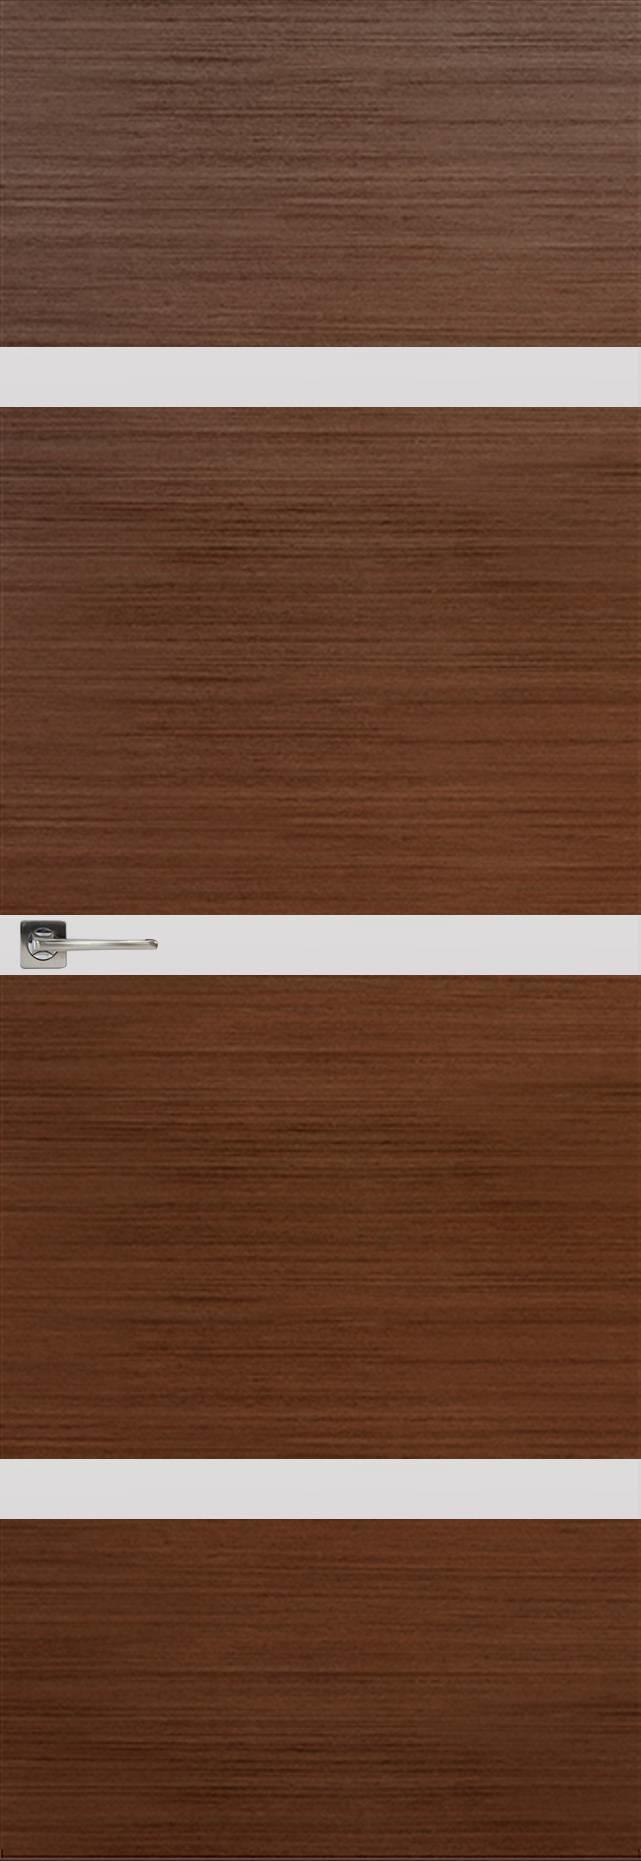 Tivoli Г-4 Невидимка цвет - Темный орех Без стекла (ДГ)